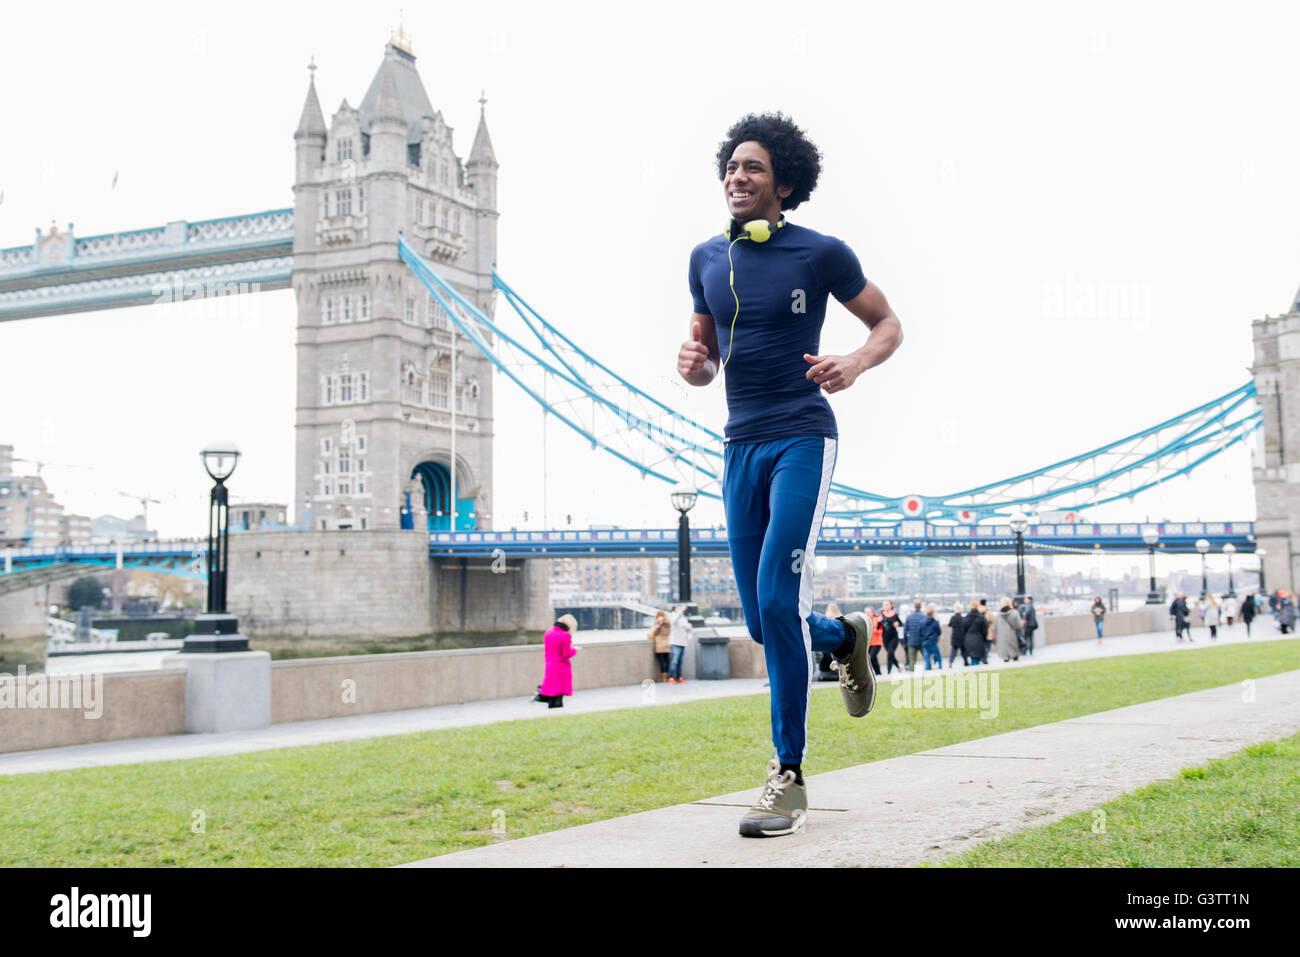 Un giovane uomo jogging passato il Tower Bridge di Londra. Immagini Stock